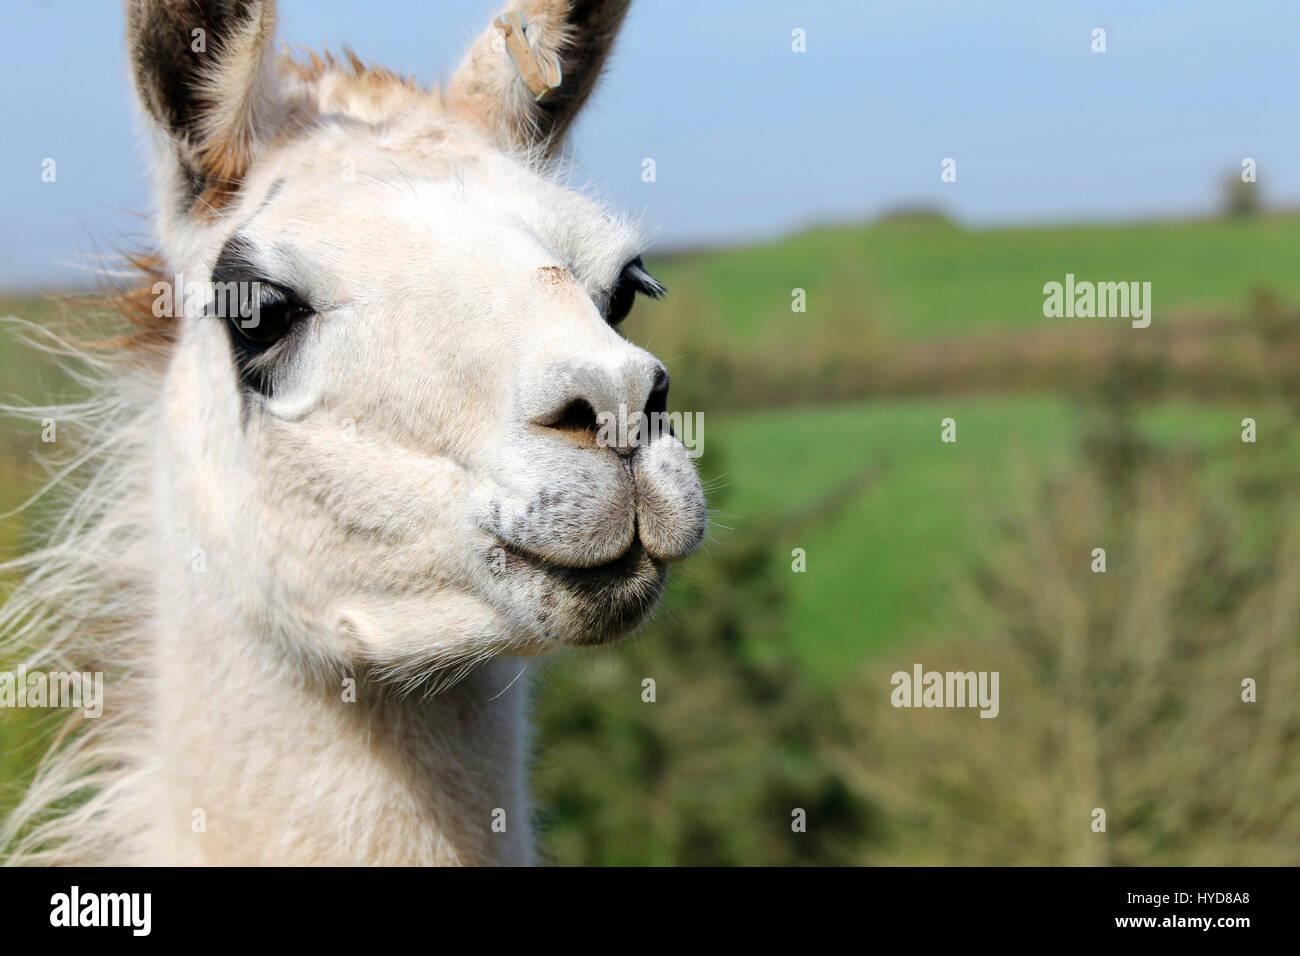 Lama, llama - Stock Image